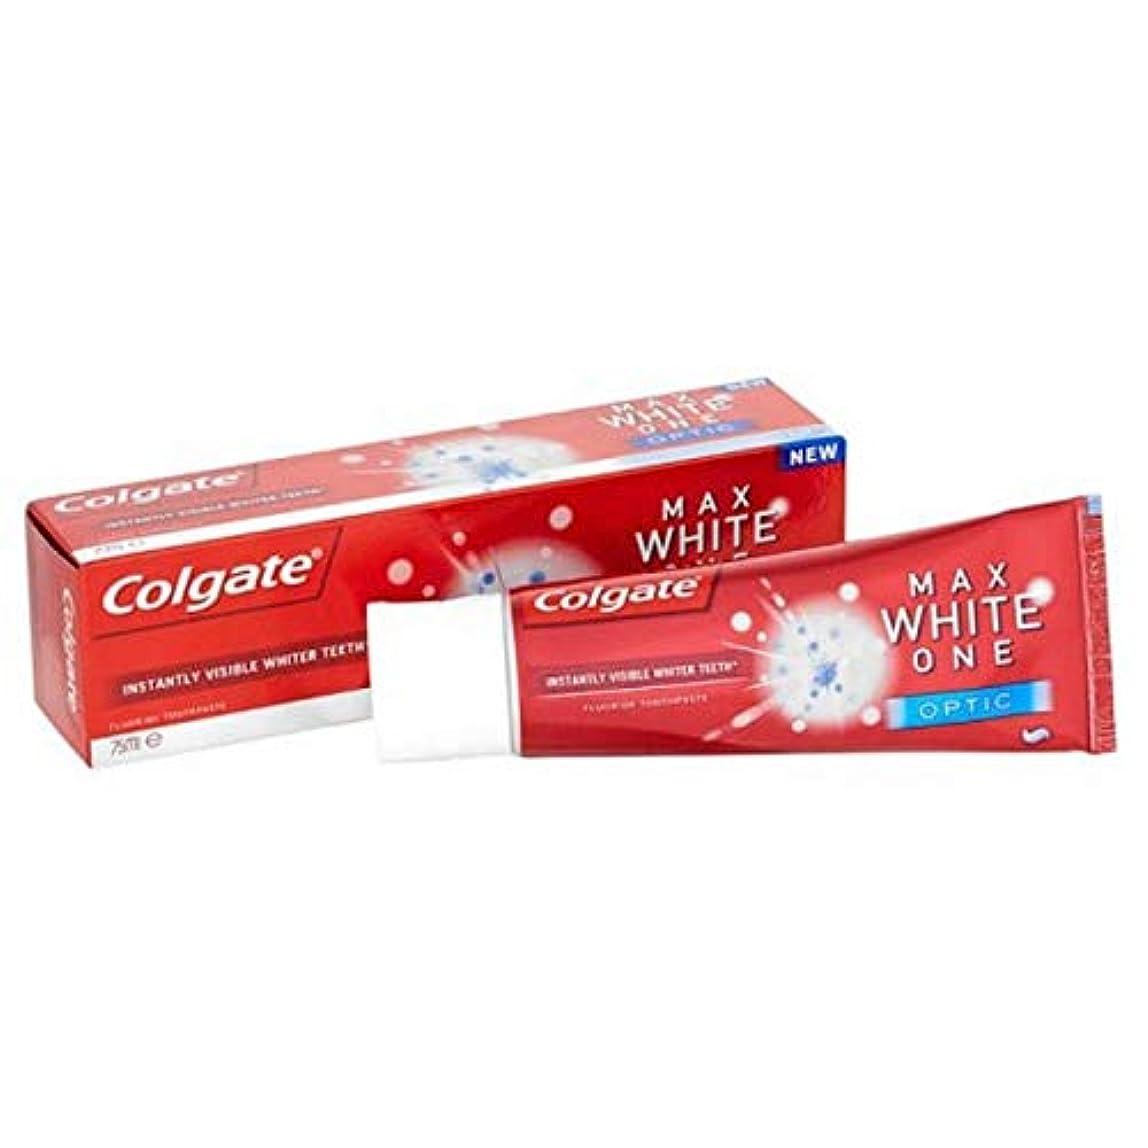 着飾るエゴイズム発掘[Colgate ] コルゲート最大白1つの光学歯磨き粉25ミリリットル - Colgate Max White One Optic Toothpaste 25ml [並行輸入品]